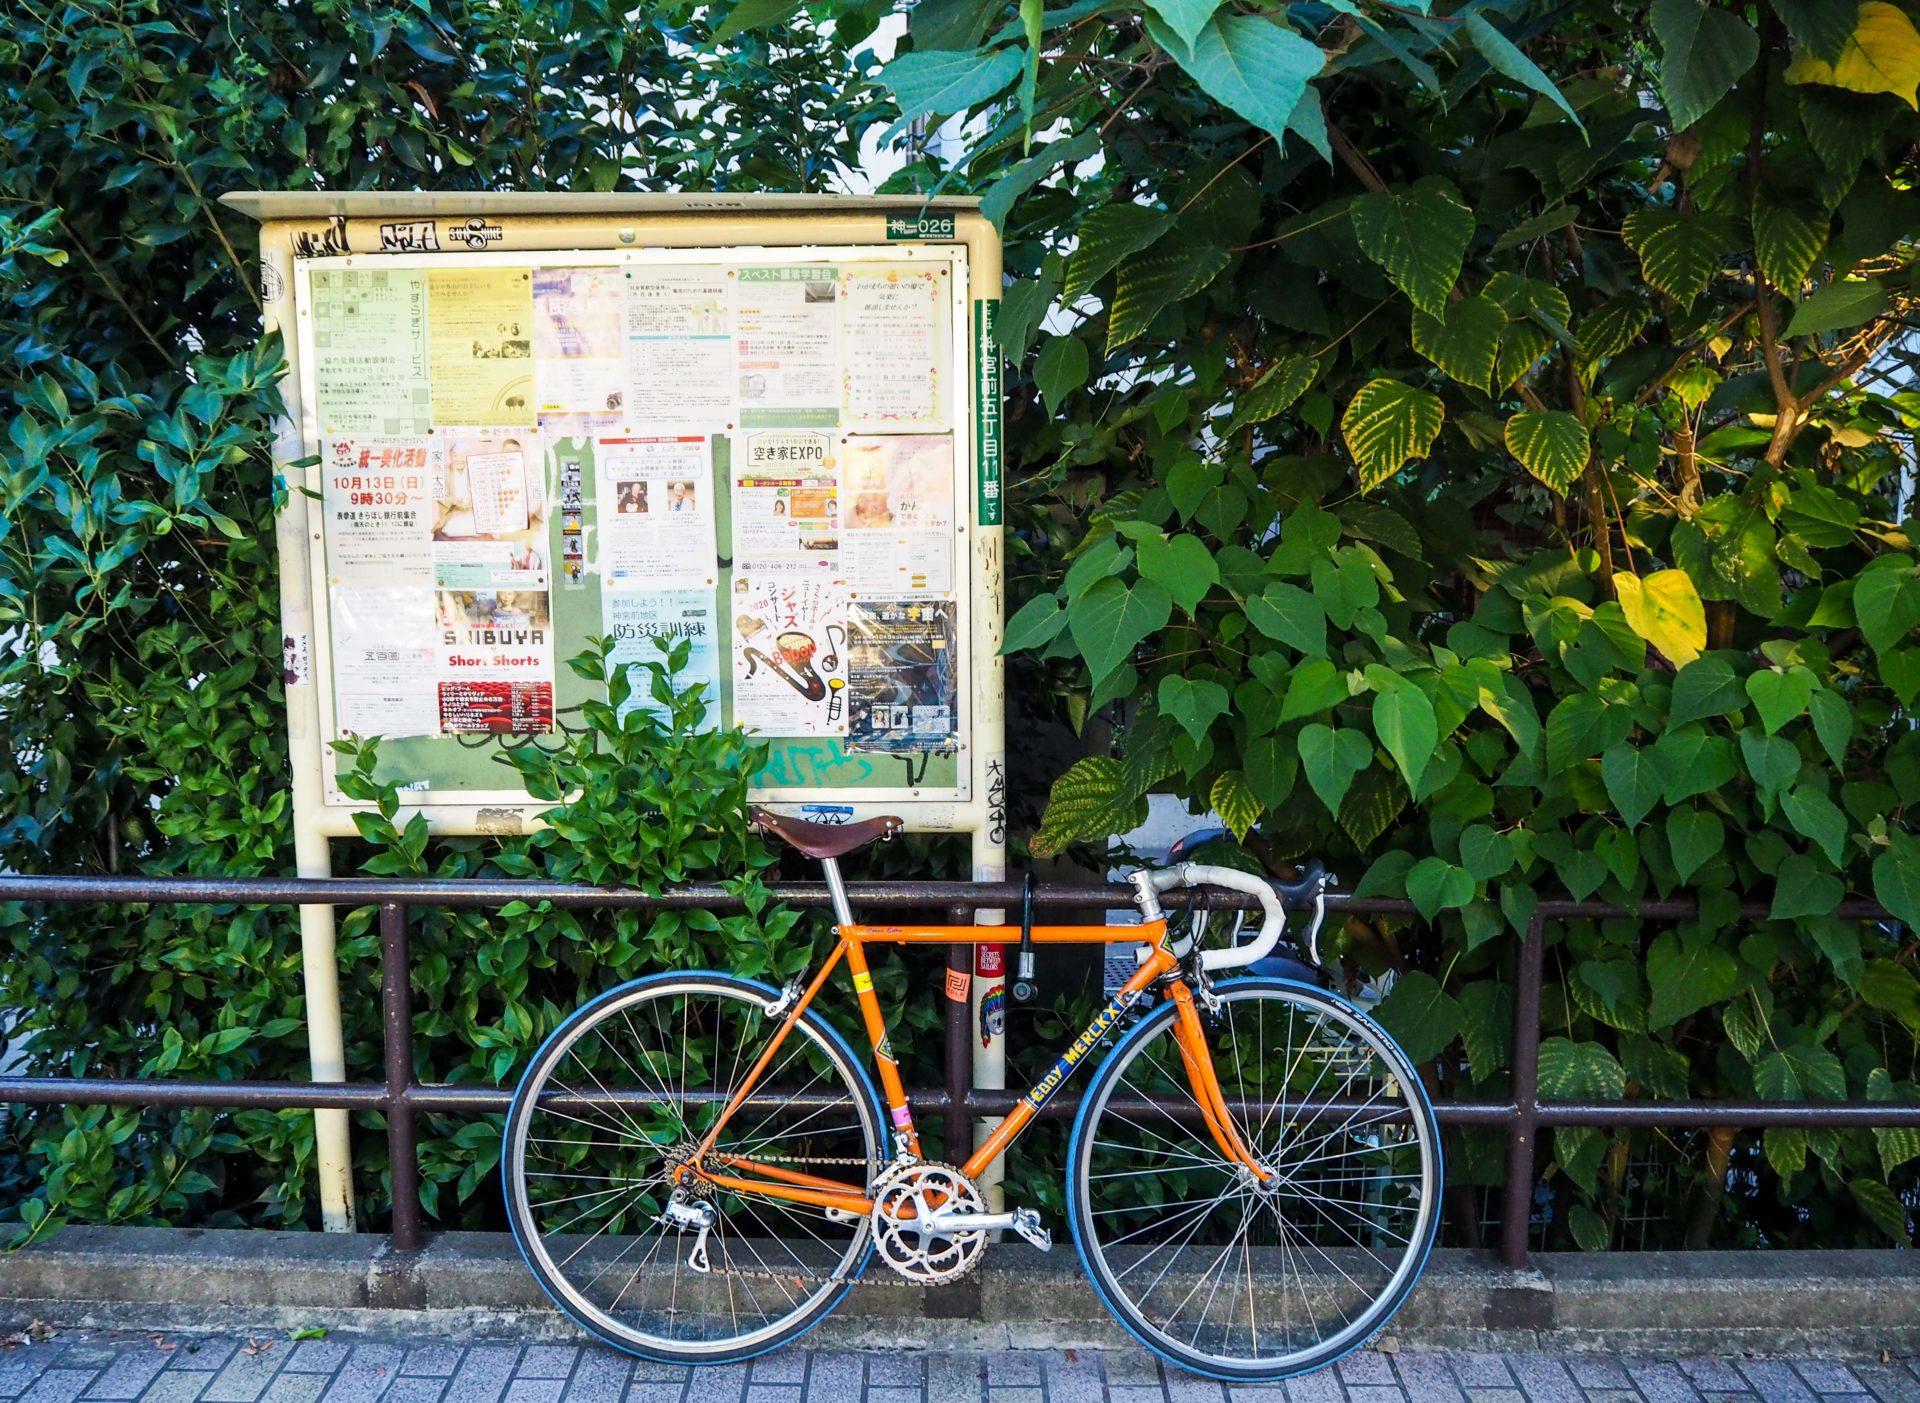 Cat street à Tokyo - Escale à Tokyo: 24h dans la capitale du Japon - Tokyo en 24h - Récit et itinéraire pour visiter Tokyo en une journée